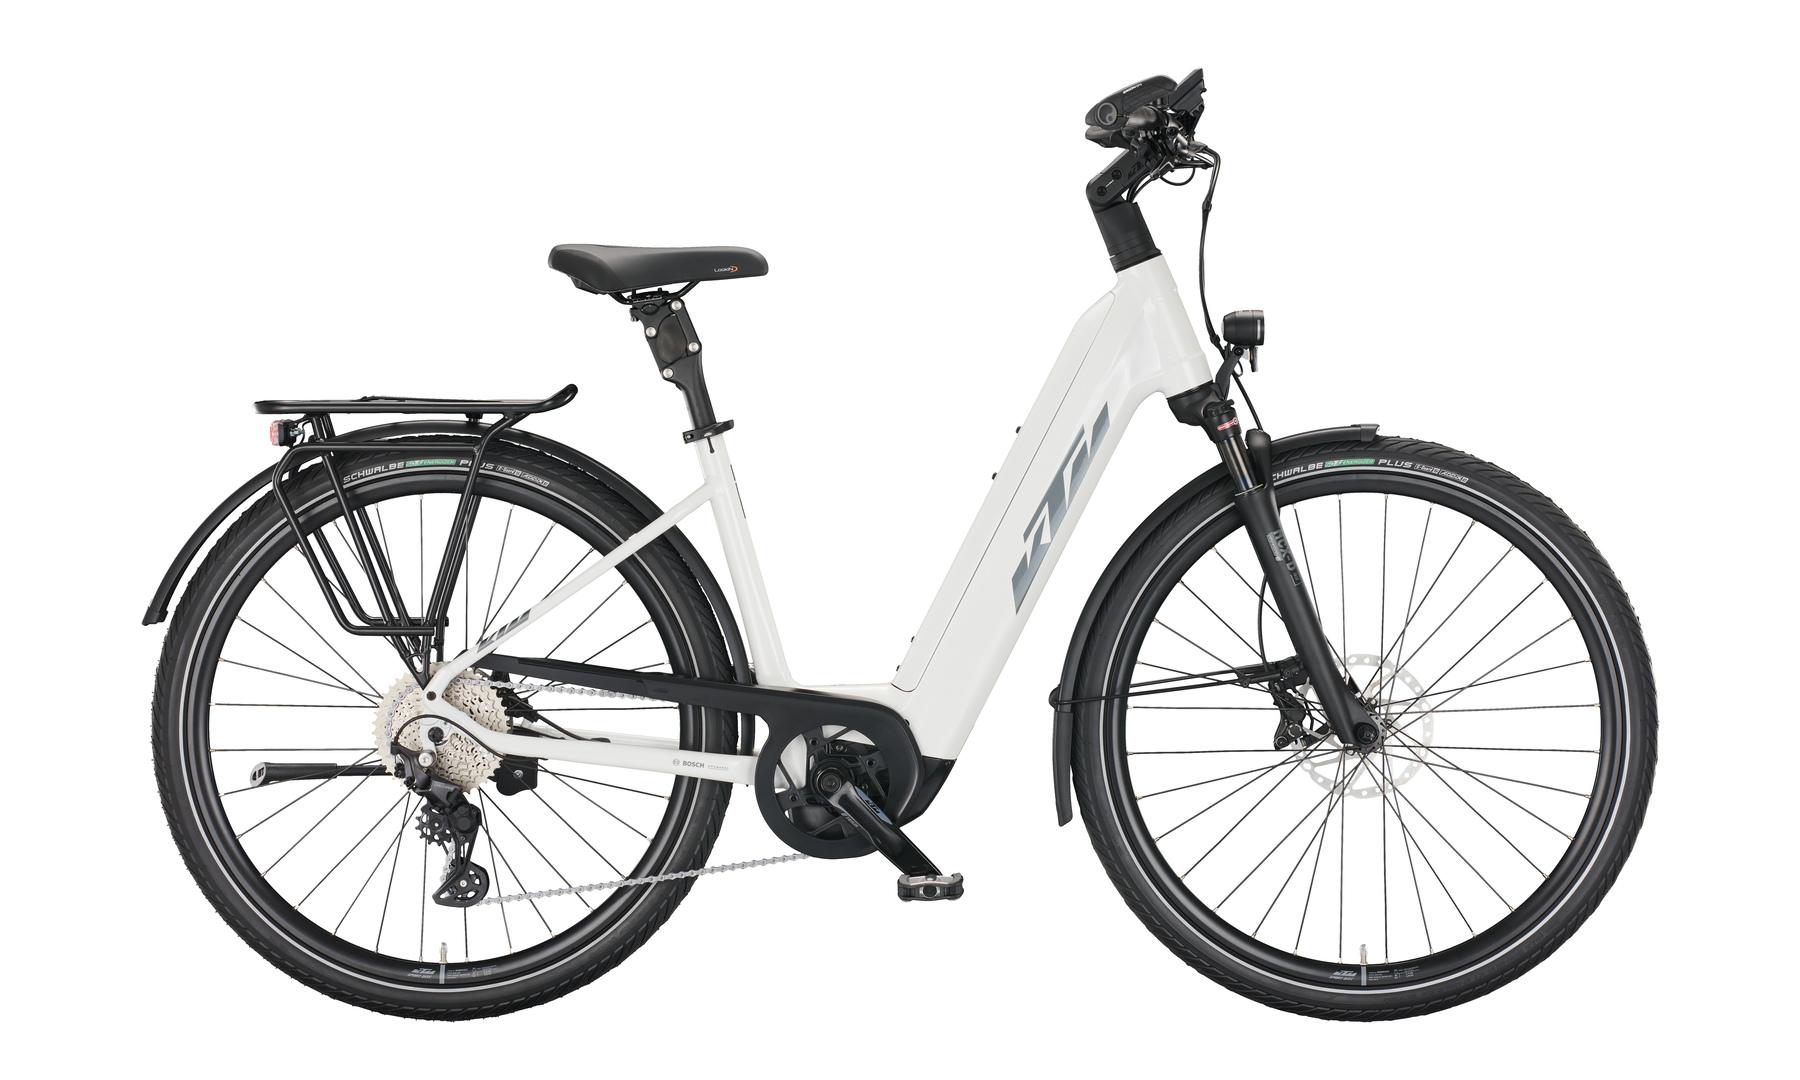 KTM E-Bike - MACINA STYLE 720